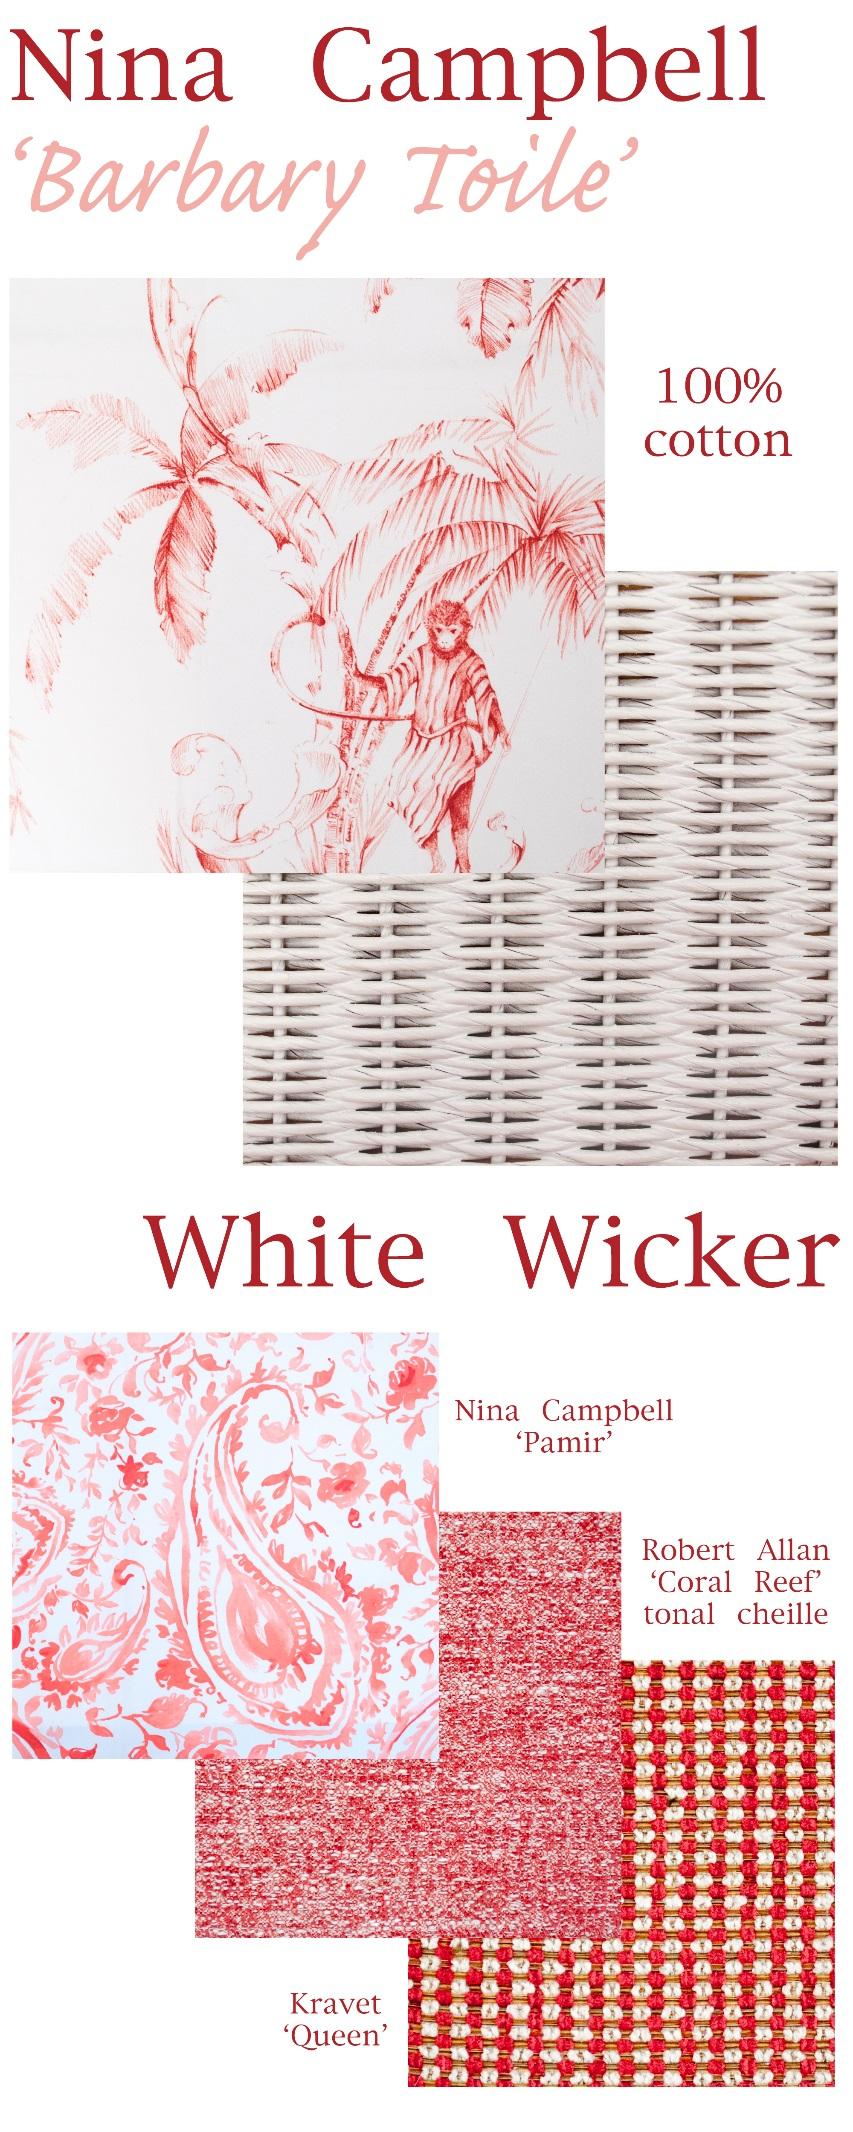 Jenny Blanc Blog - Nina Campbell Fabrics